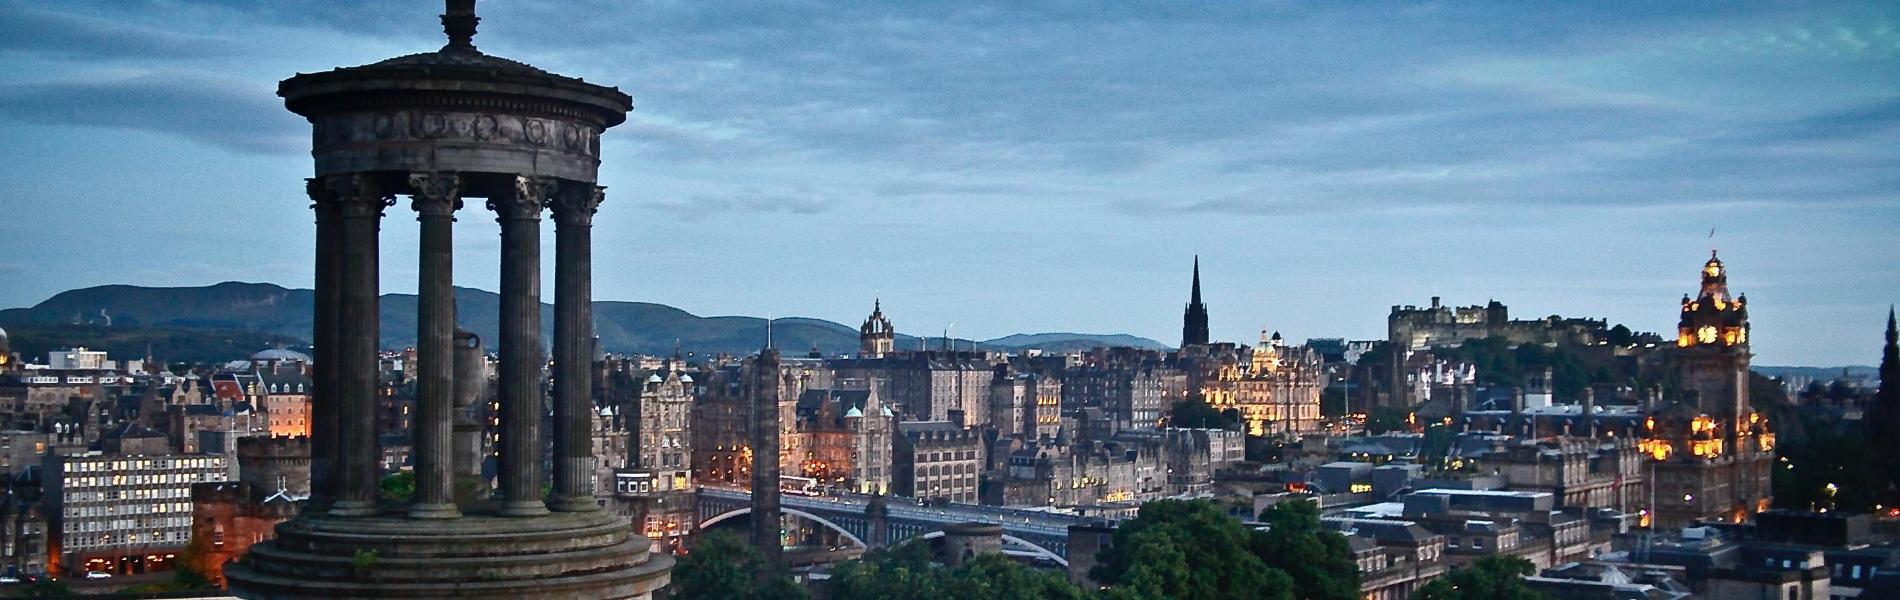 Internships in Edinburgh, Scotland